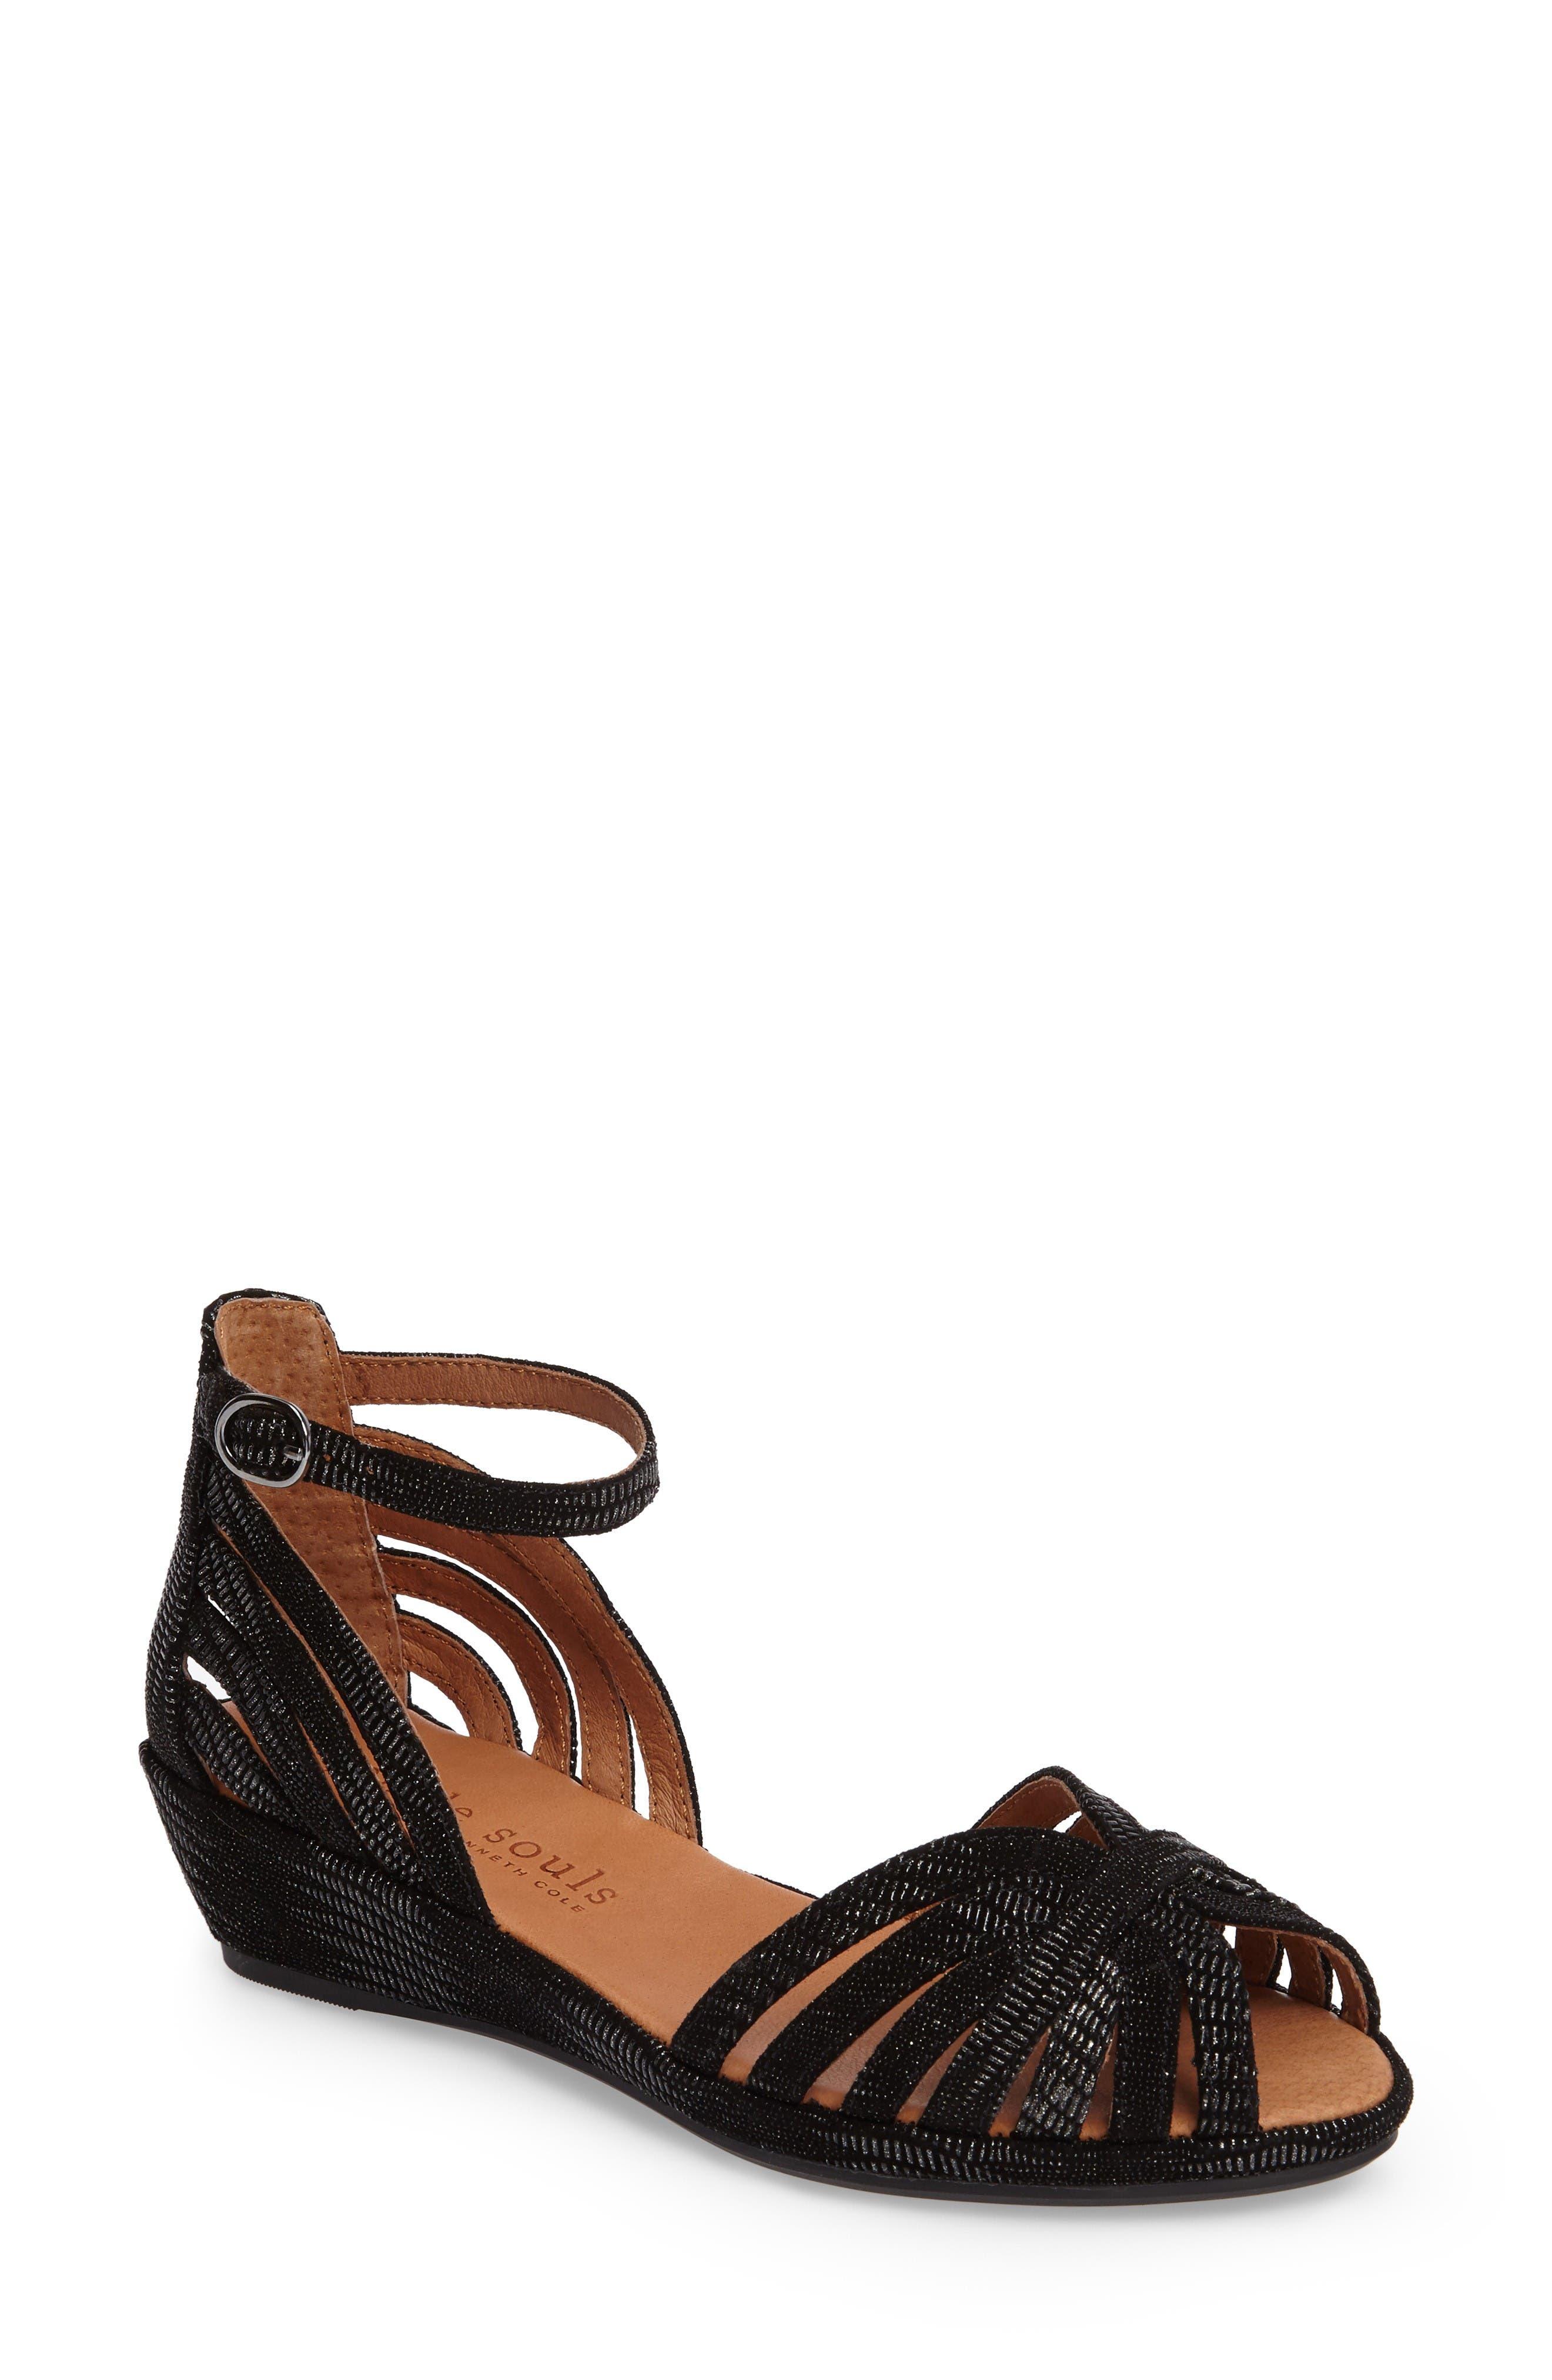 GENTLE SOULS Leah Peep Toe Wedge Sandal